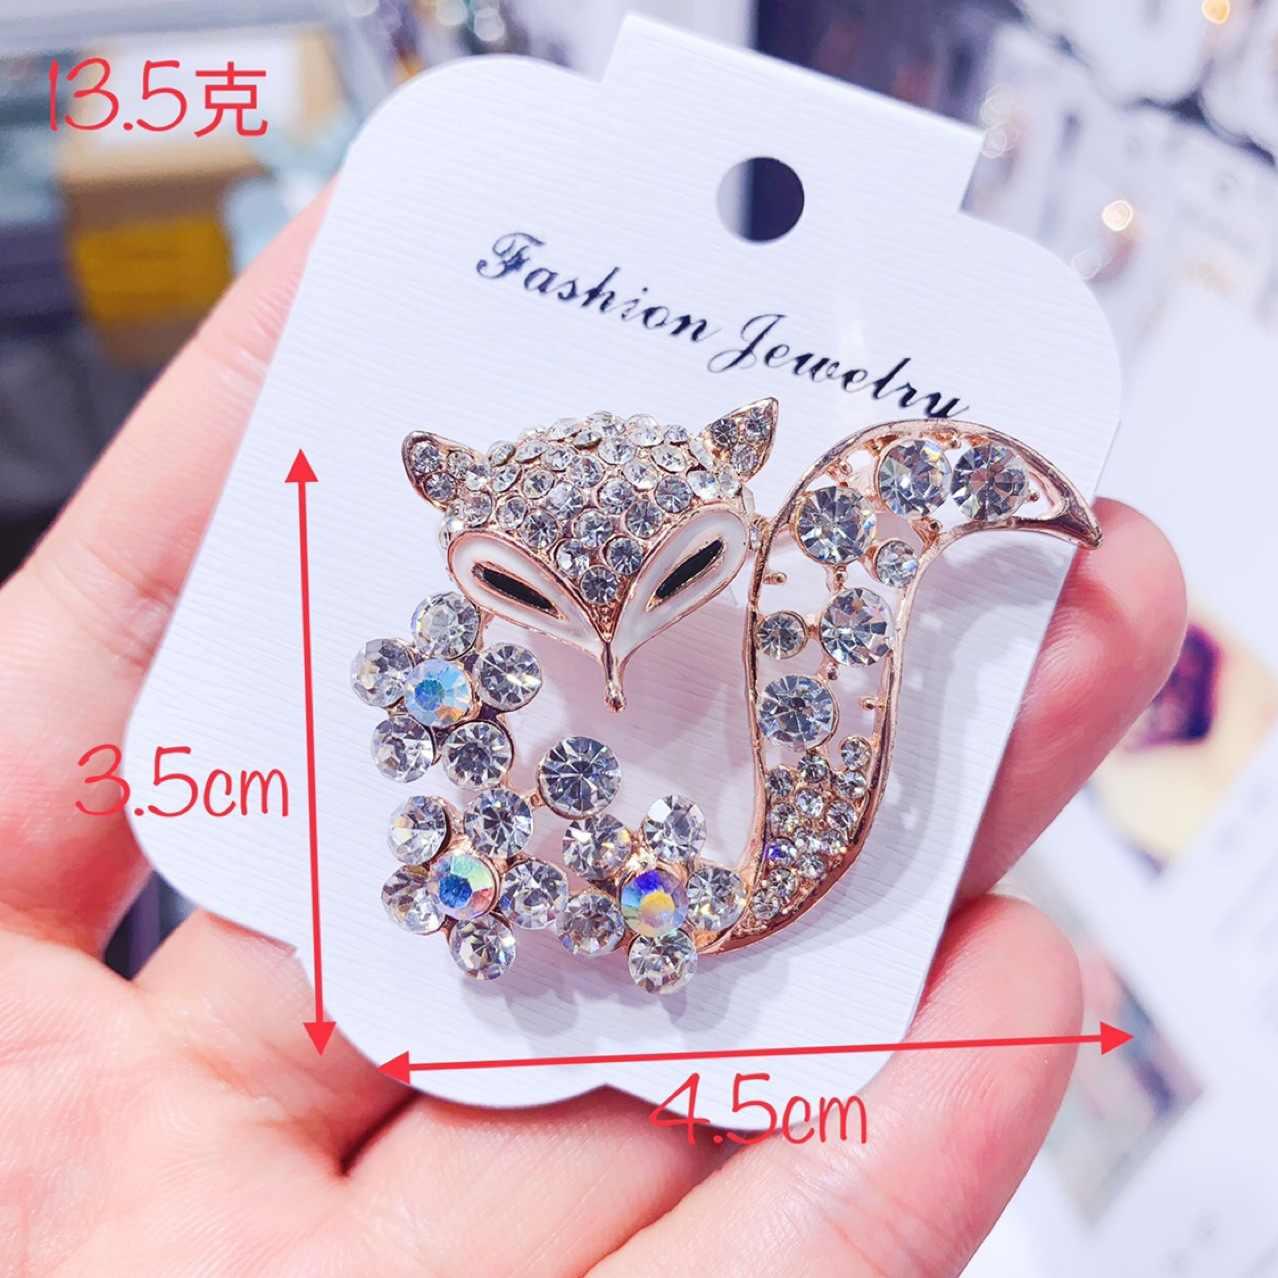 Versi Korea Zircon Fox Hewan Bros Pin untuk Wanita Fashion Sweter Mantel Topi Syal Pakaian Aksesoris Mewah Perjamuan Perhiasan